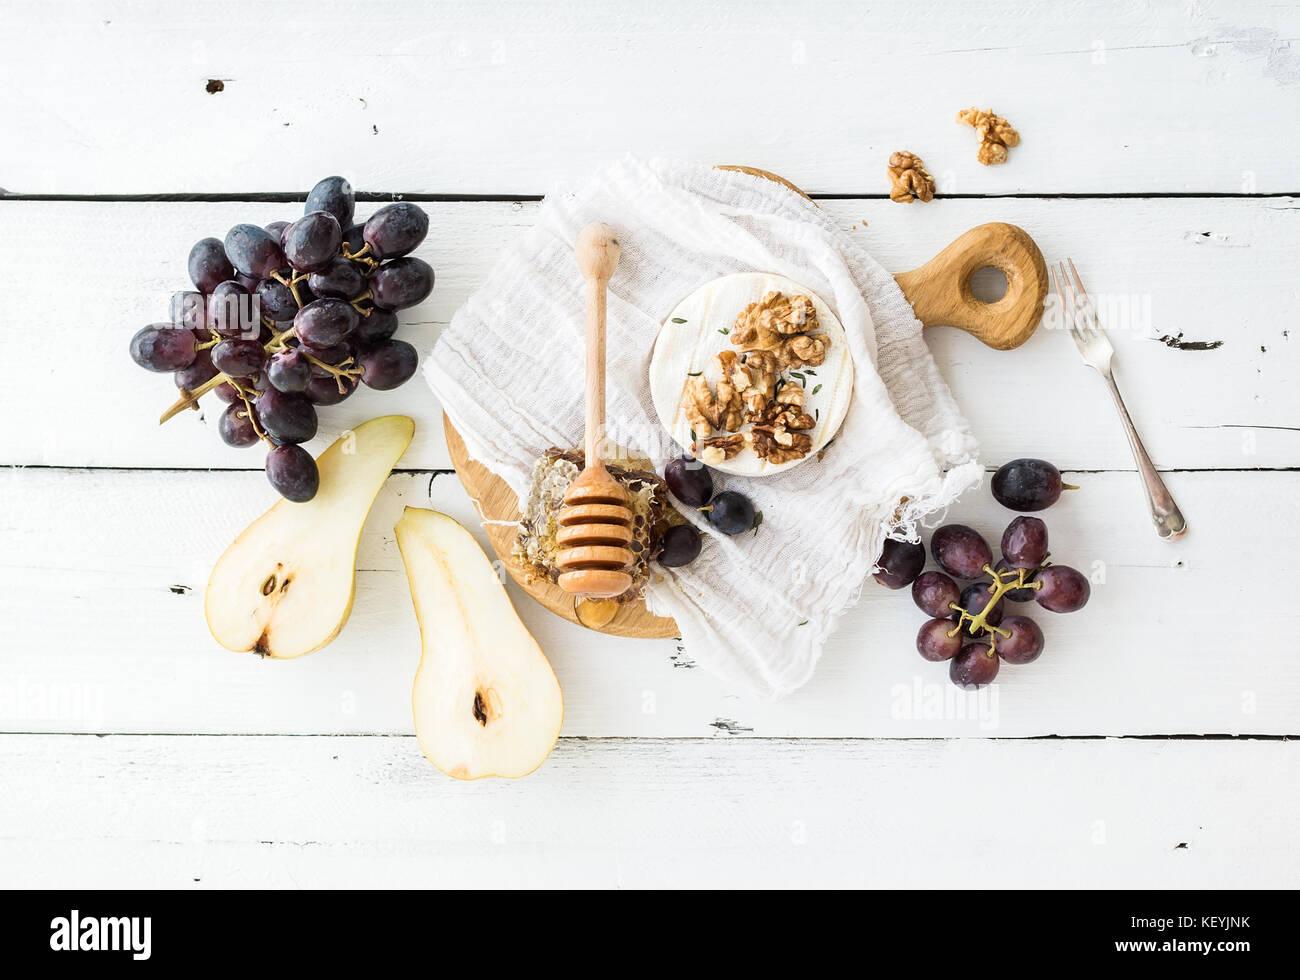 Camembert queso con uvas, nueces, pera y miel en vintage placa metálica Imagen De Stock